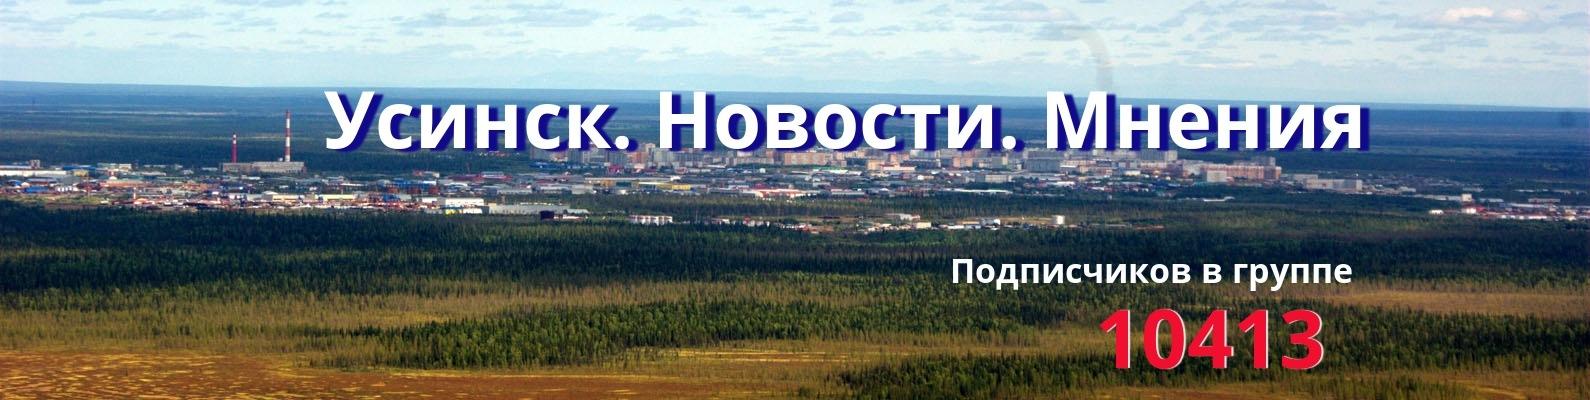 Усинск. Новости. Мнения | VK